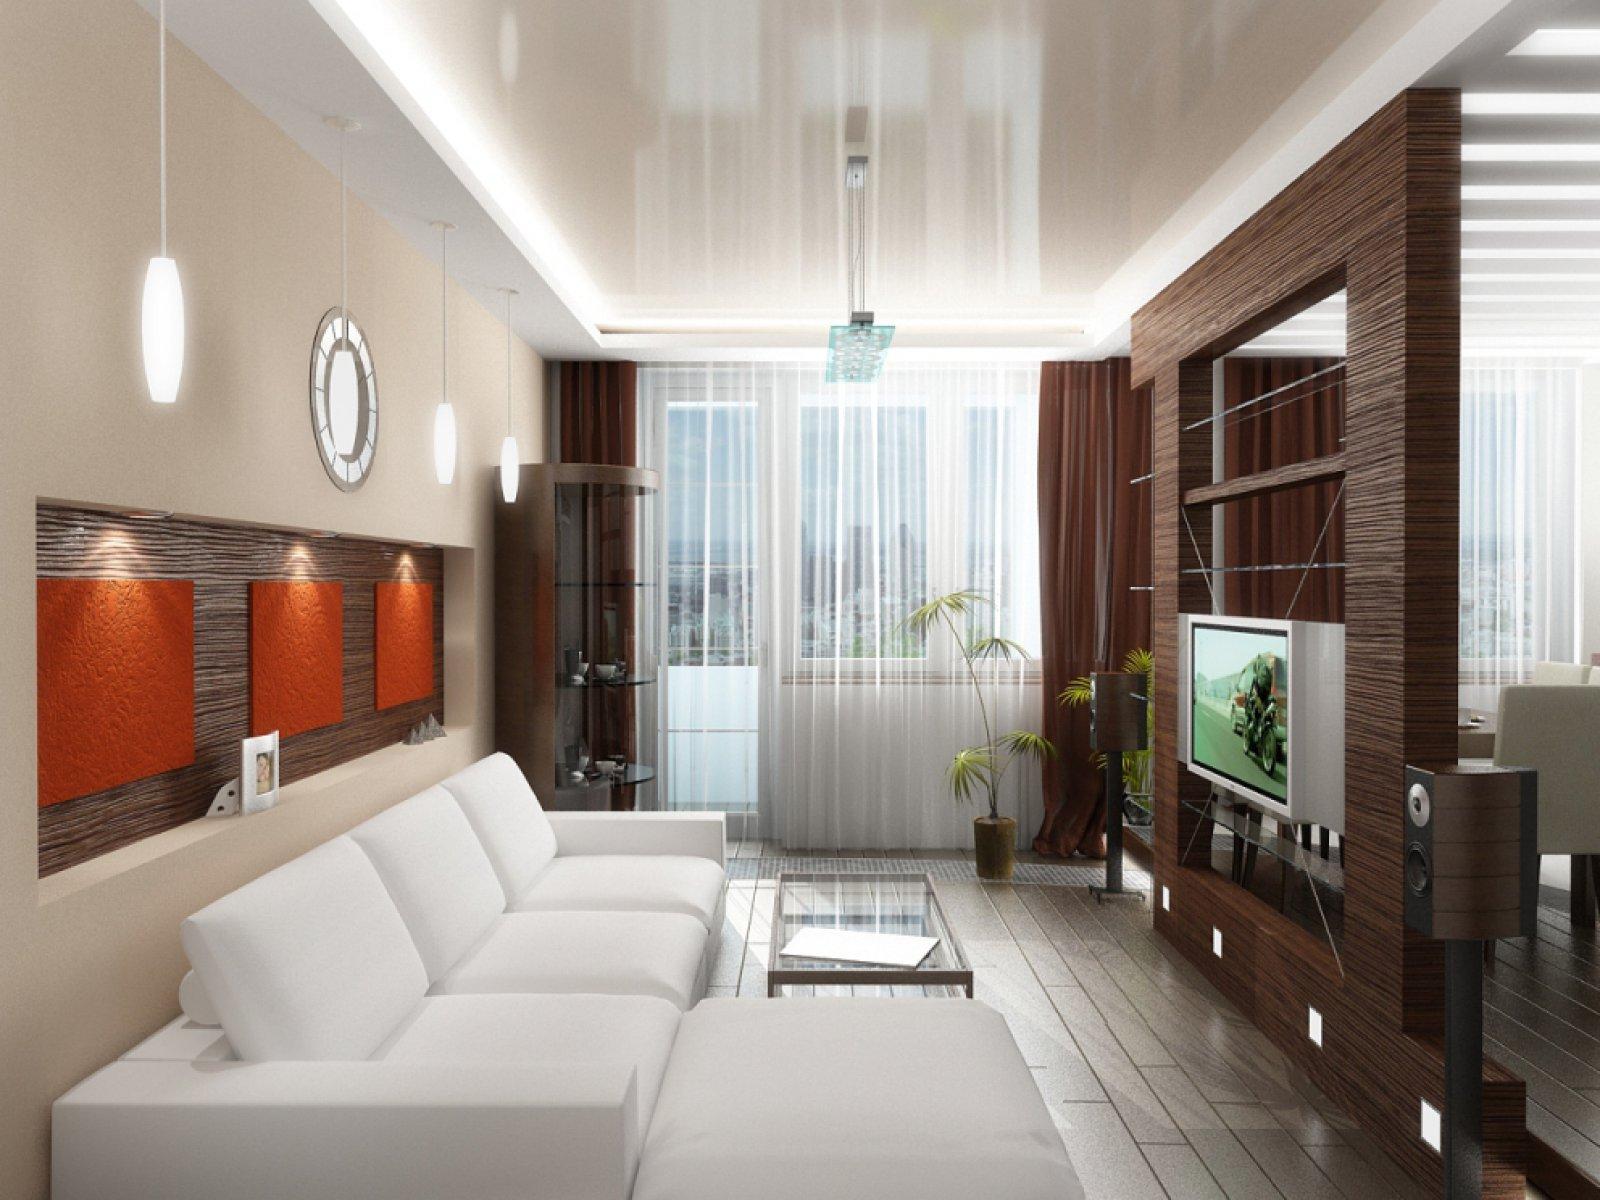 """Дизайн длинного зала в квартире """" картинки и фотографии диза."""